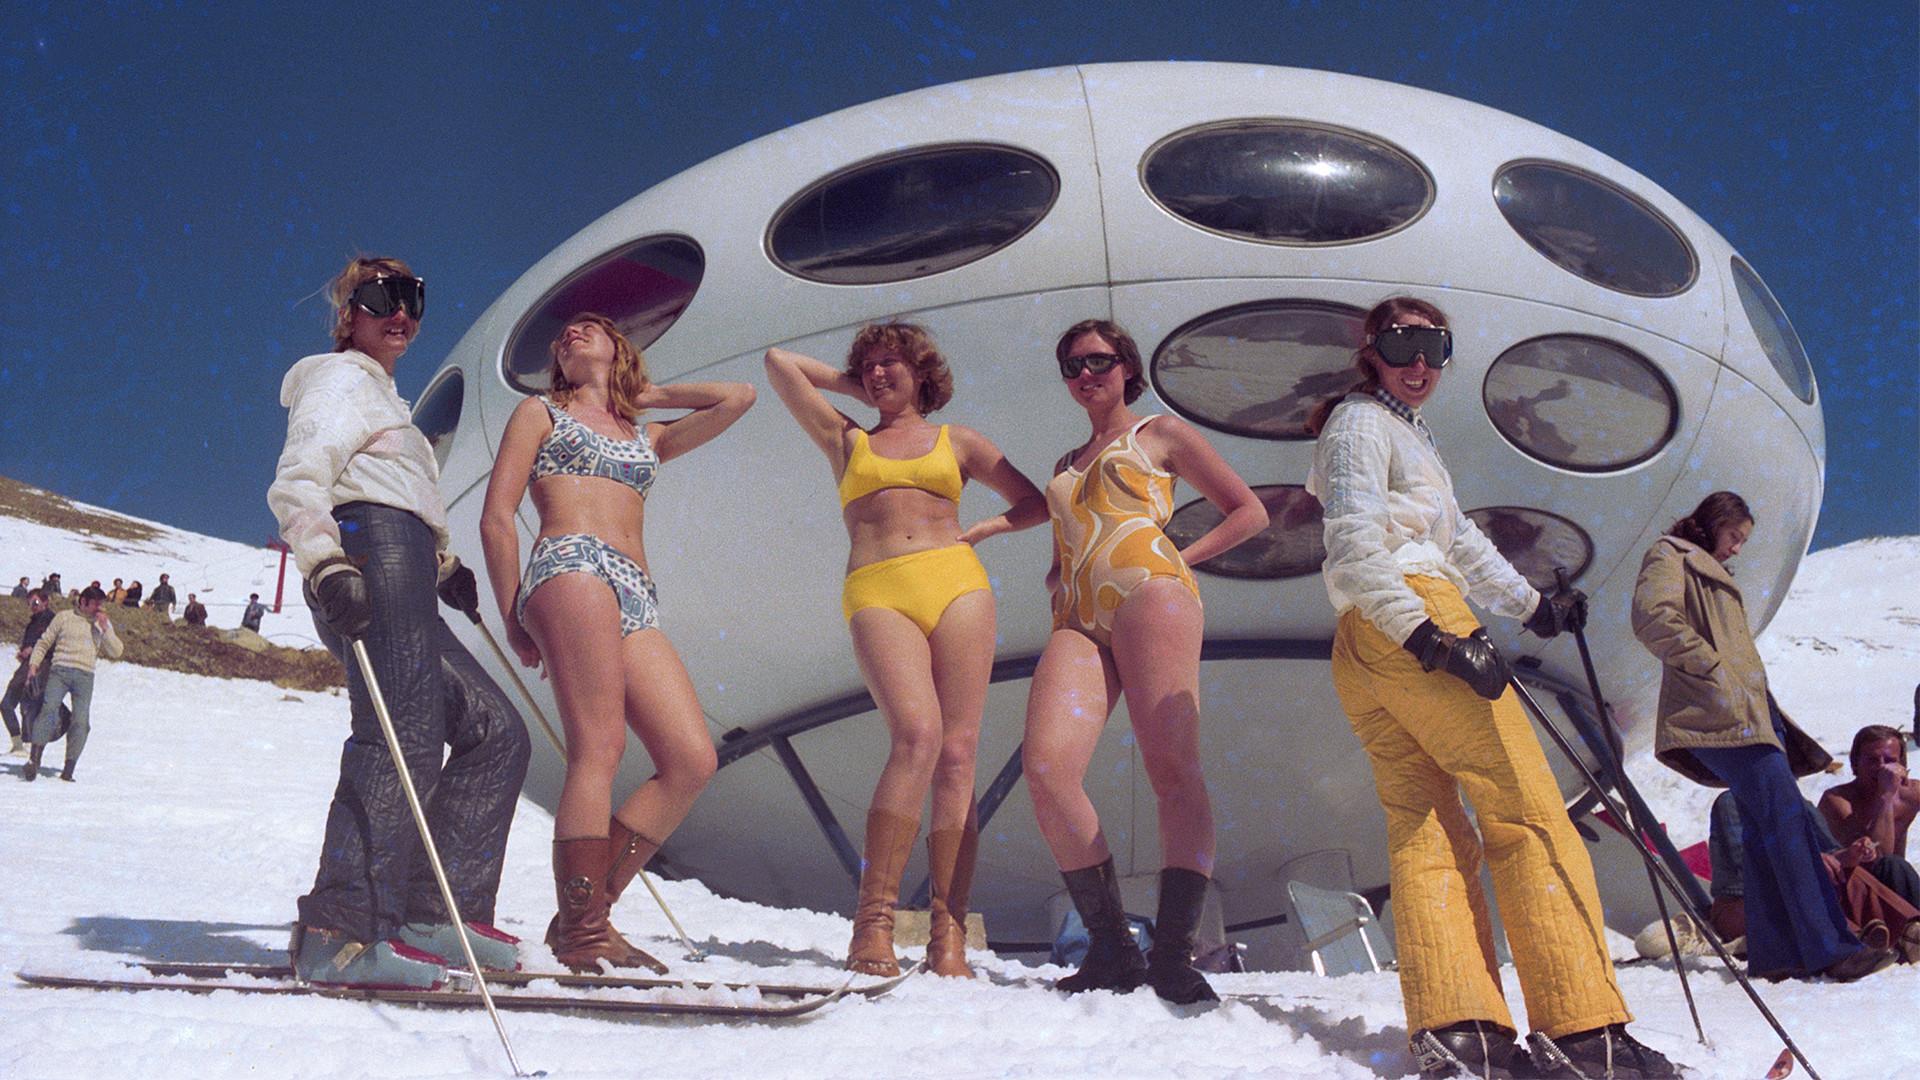 Région de Stavropol, 1er mars 1979. Des vacanciers prennent un bain de Soleil à 2 000 mètres d'altitude.